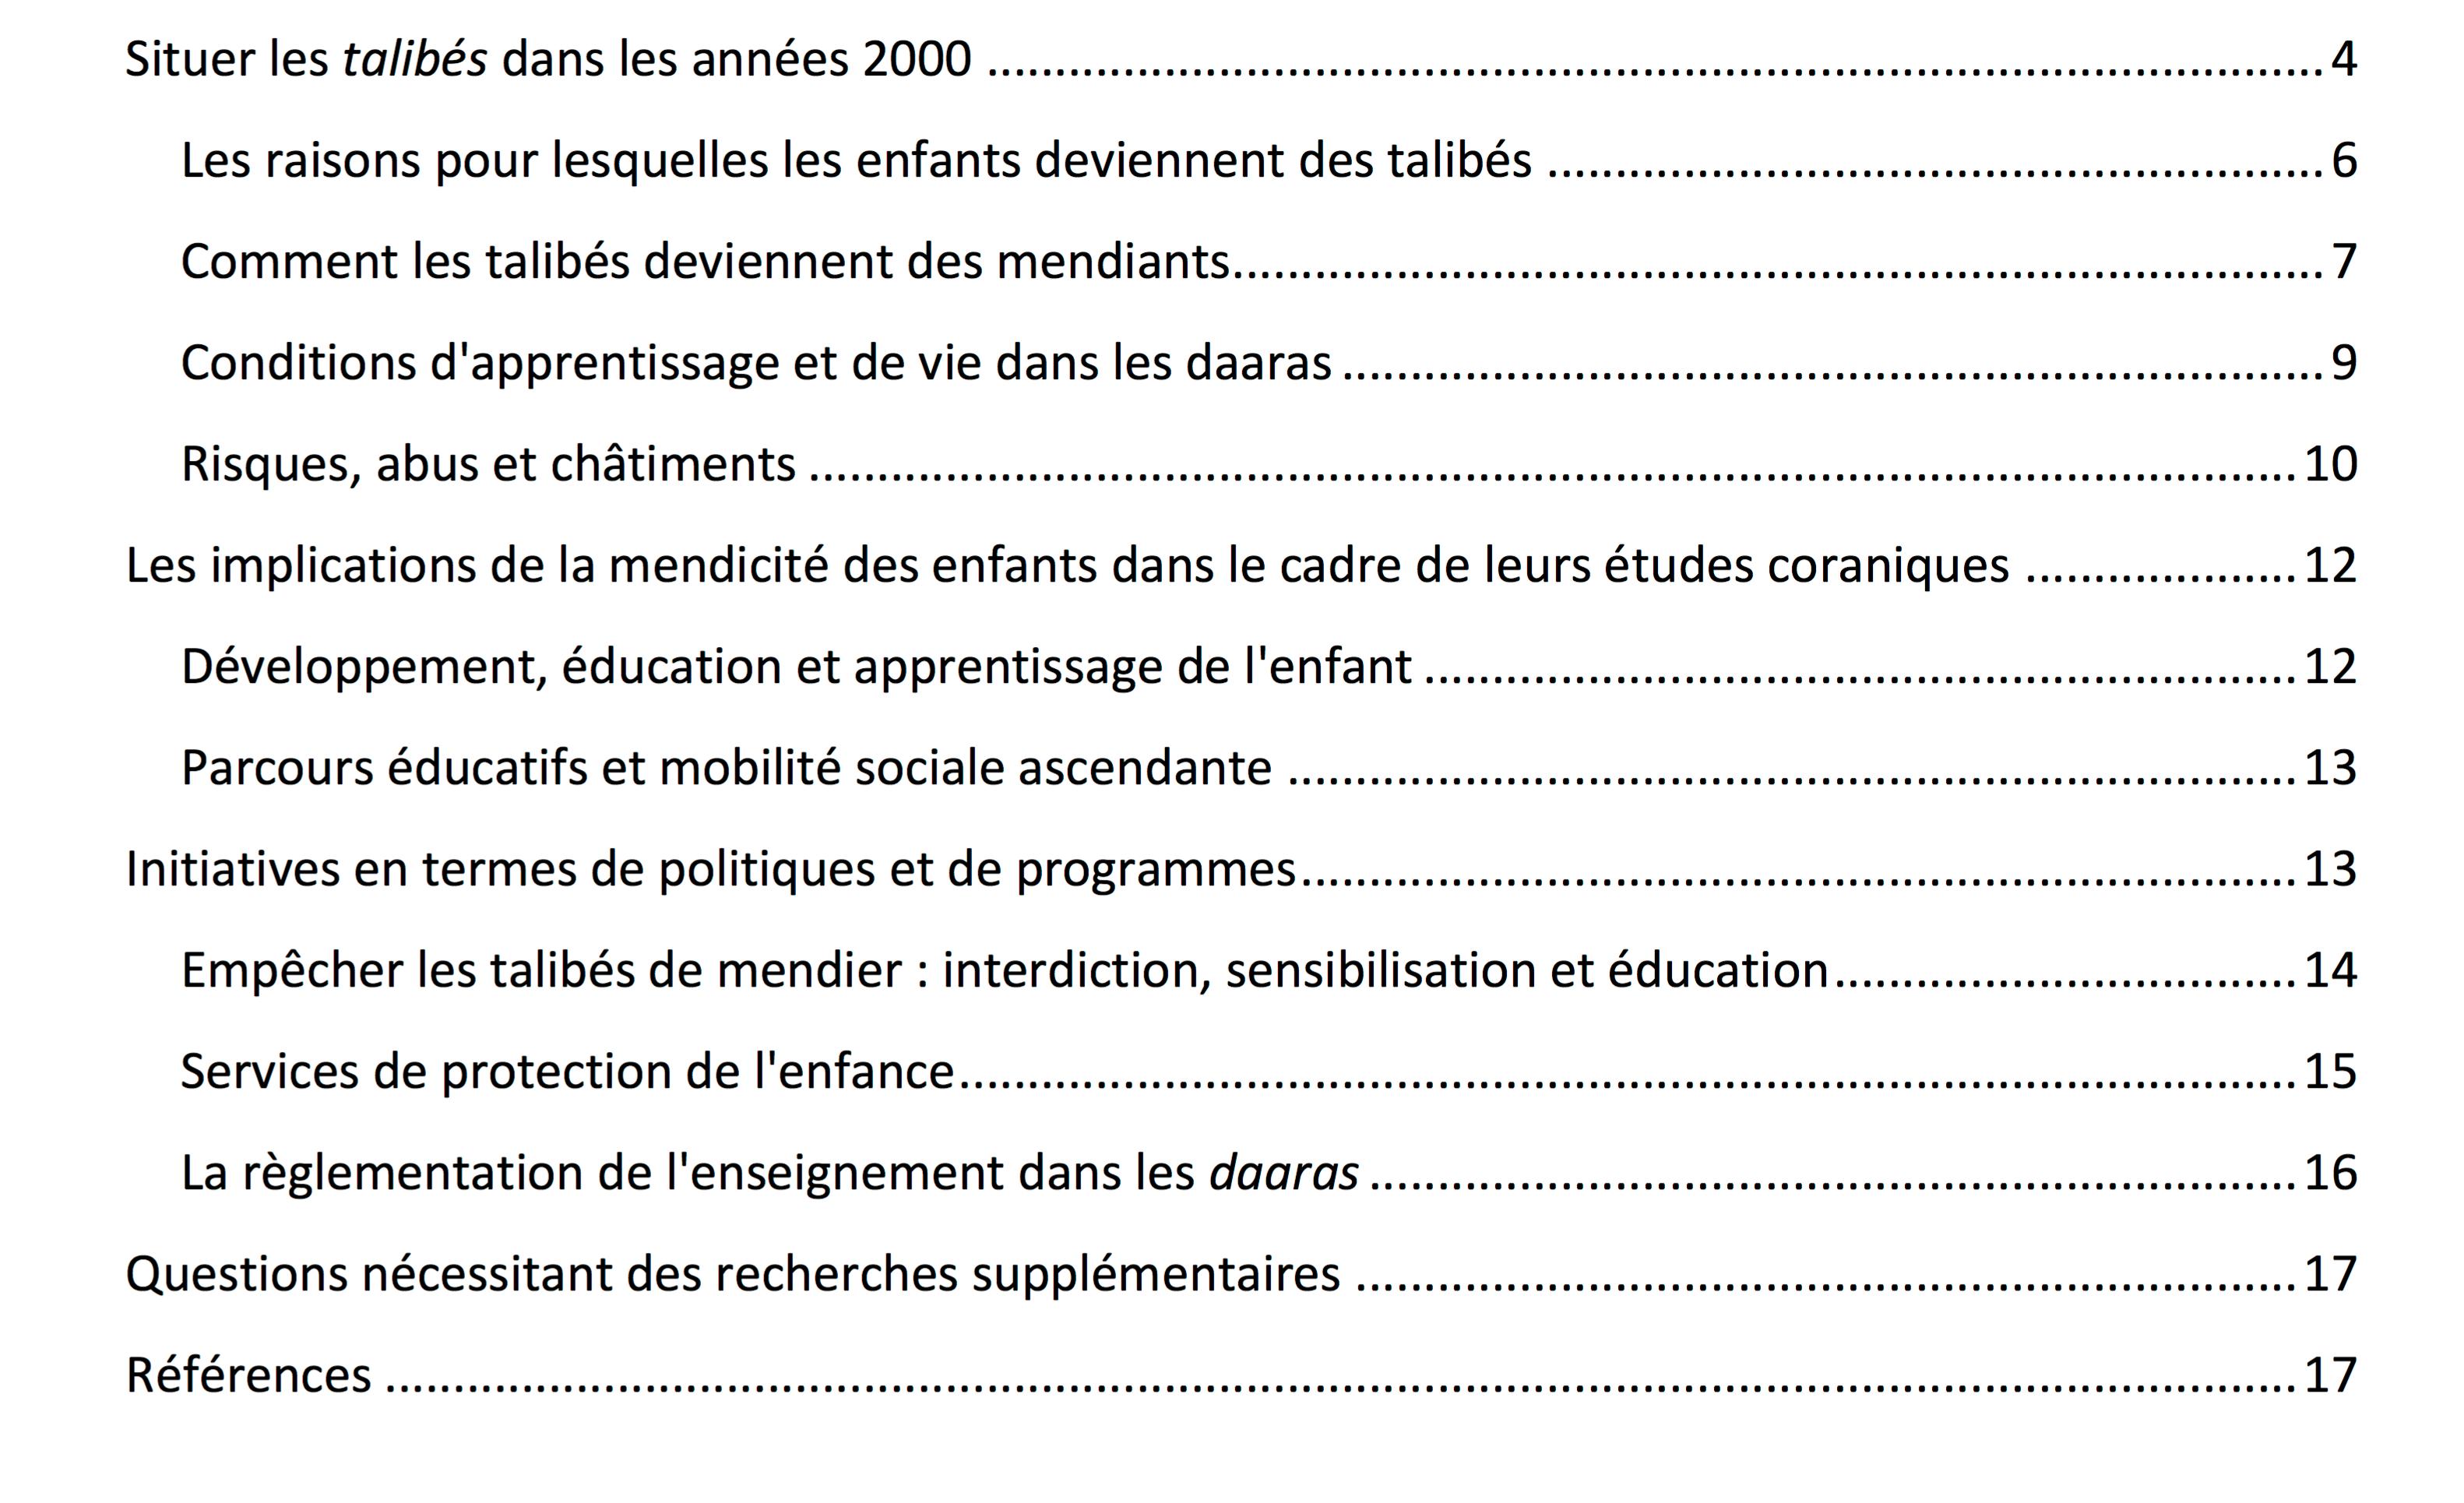 Ho,  Macron, CCIF, Licra, LDH…  les enfants des écoles coraniques obligés de mendier, pas de souci ?